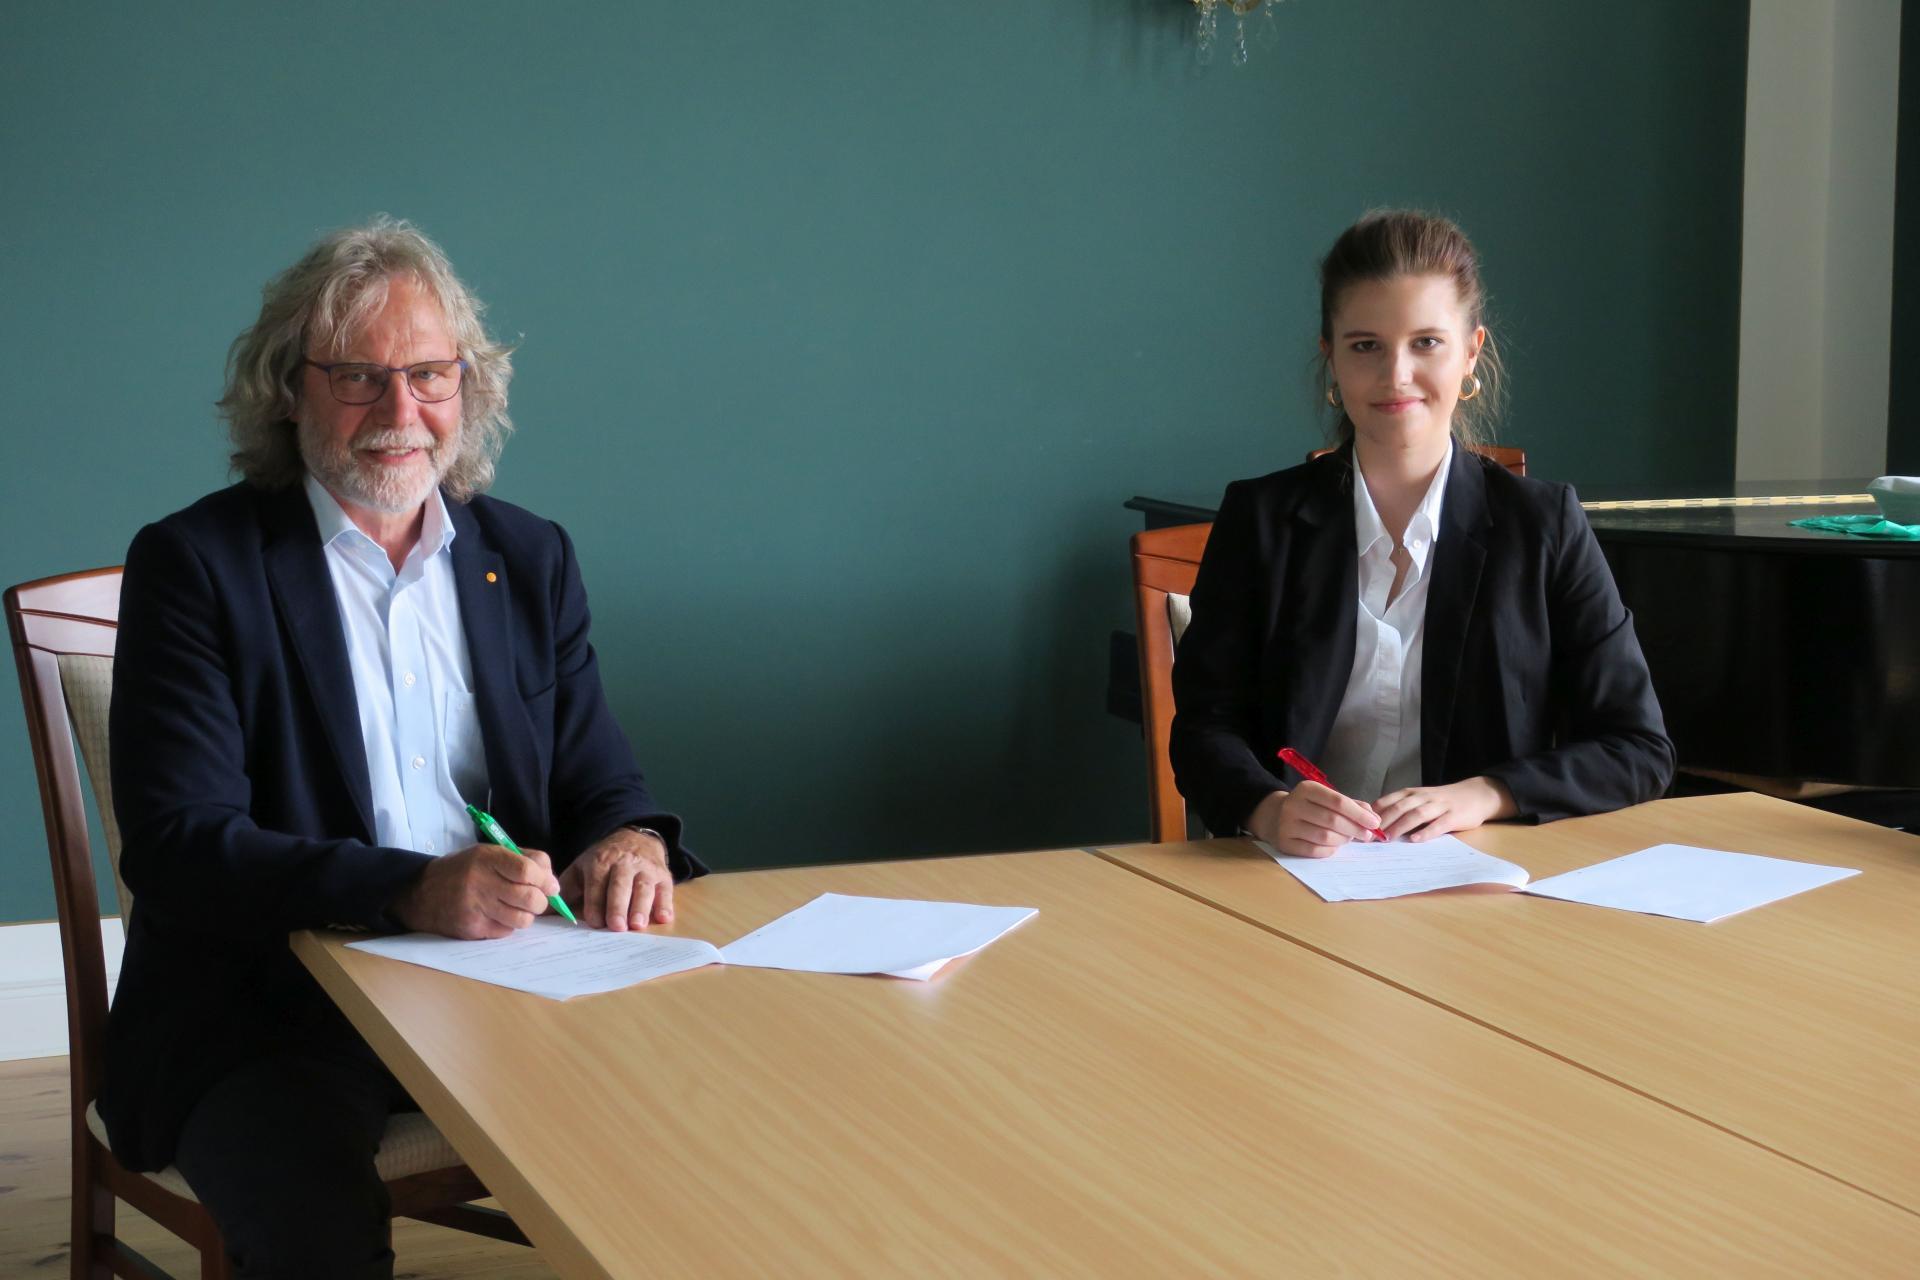 Mittlerweile ist die Tinte trocken: Bürgermeister Werner Suchner und Gina Frommel bei der Unterzeichnung des Ausbildungsvertrages im Calauer Rathaus. Foto: Stadt Calau / Jan Hornhauer